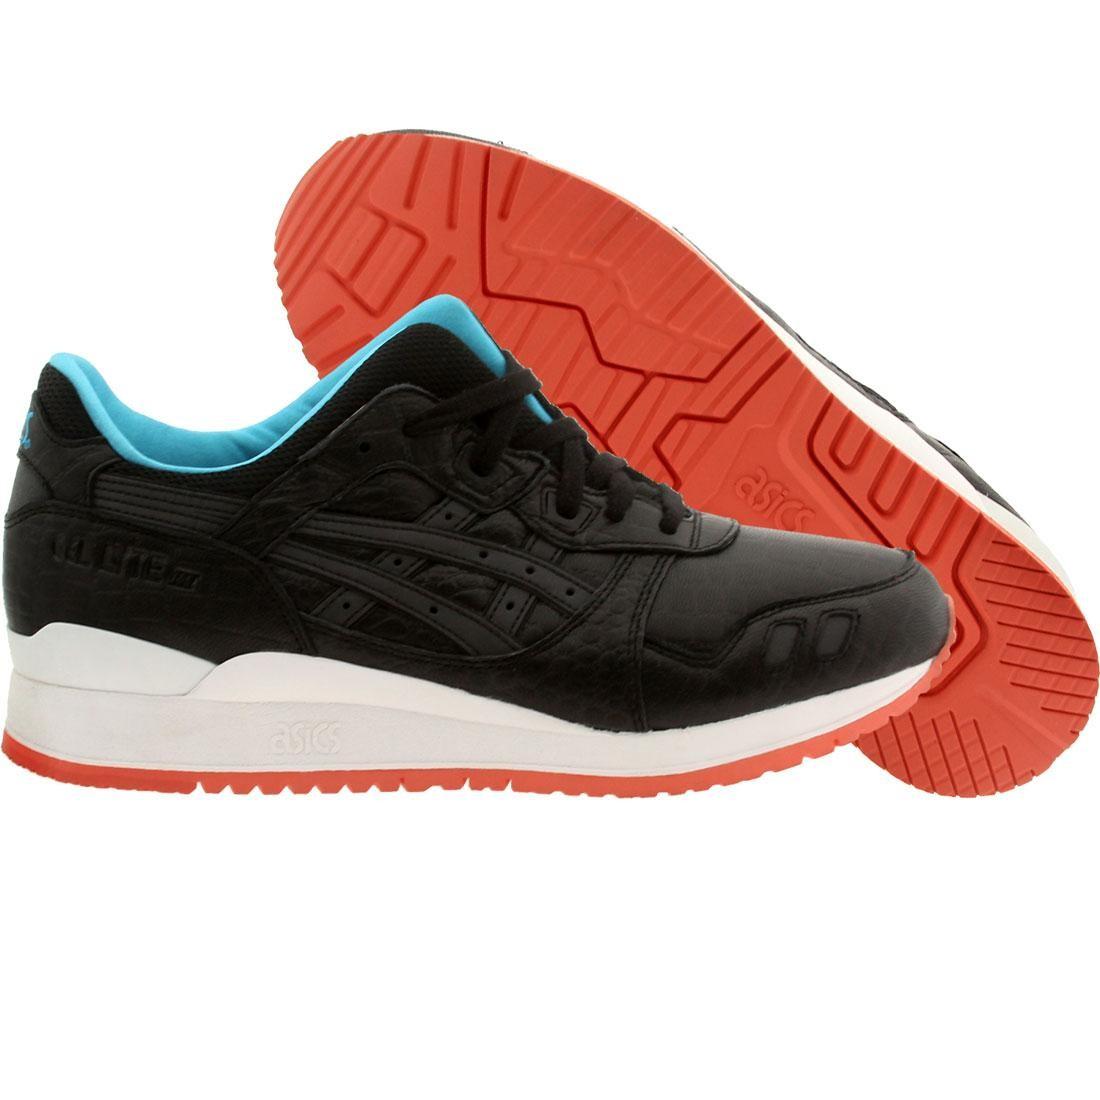 【海外限定】アシックス マイアミ 靴 メンズ靴 【 ASICS TIGER MEN GELLYTE III MIAMI VICE BLACK 】